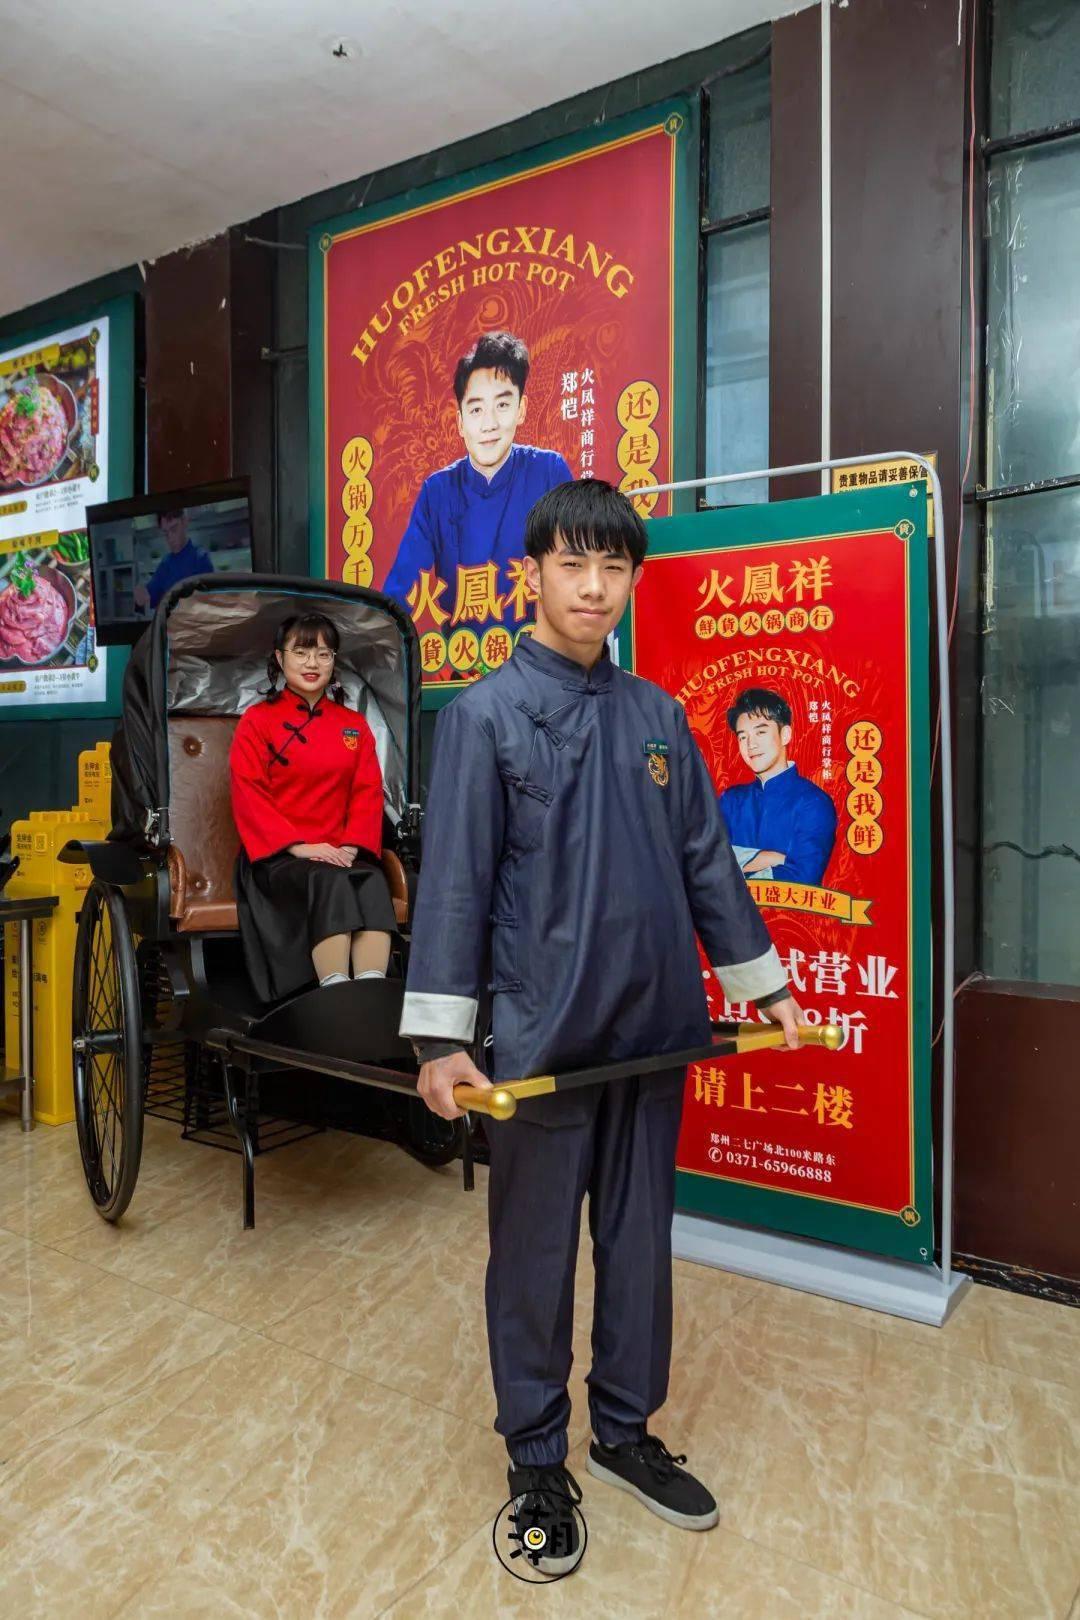 让上海人排断腿的火锅店,现在4.8折!